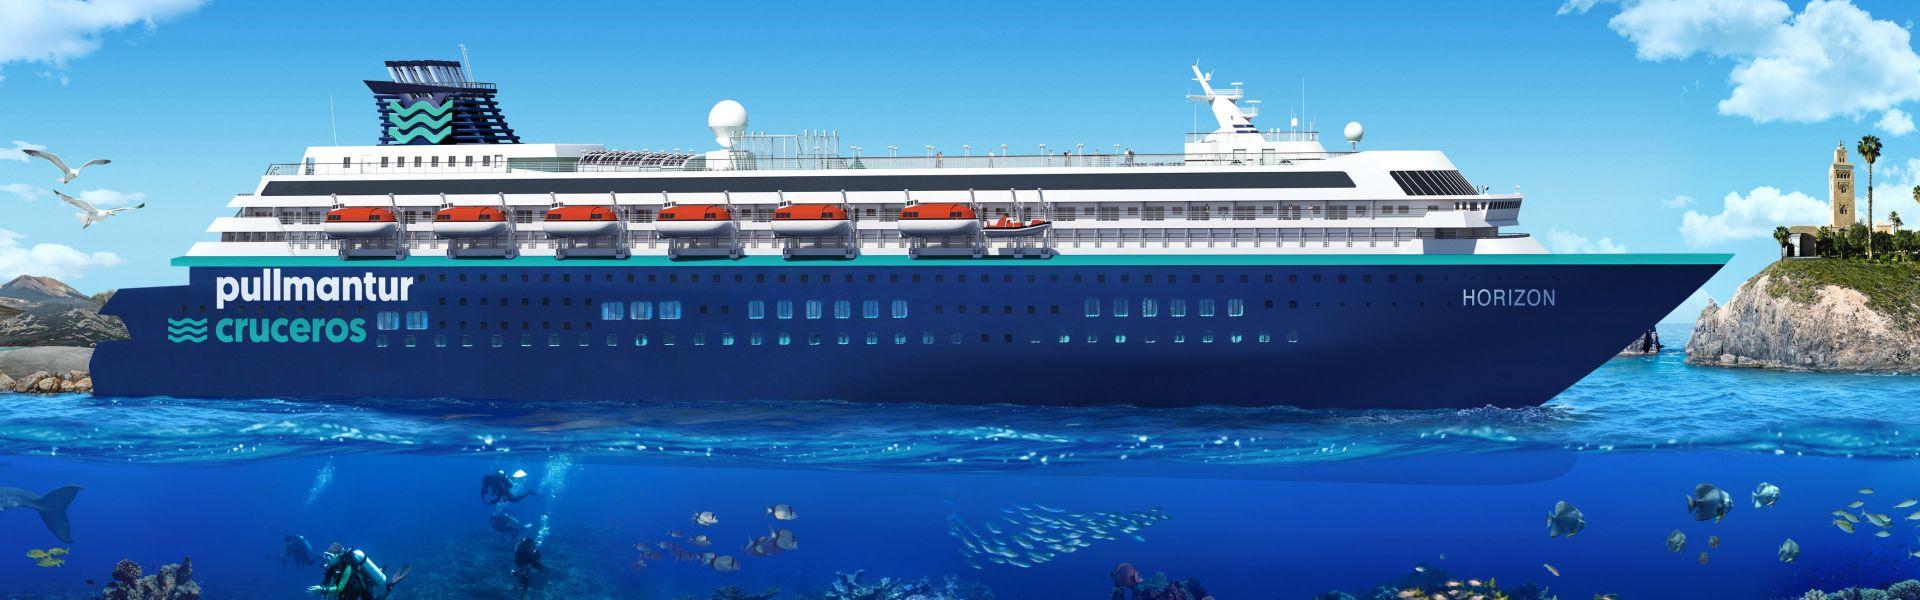 Croaziera 2019 - Croaziera de repozitionare (Atena) - Pullmantur Cruises - Horizon - 17 nopti